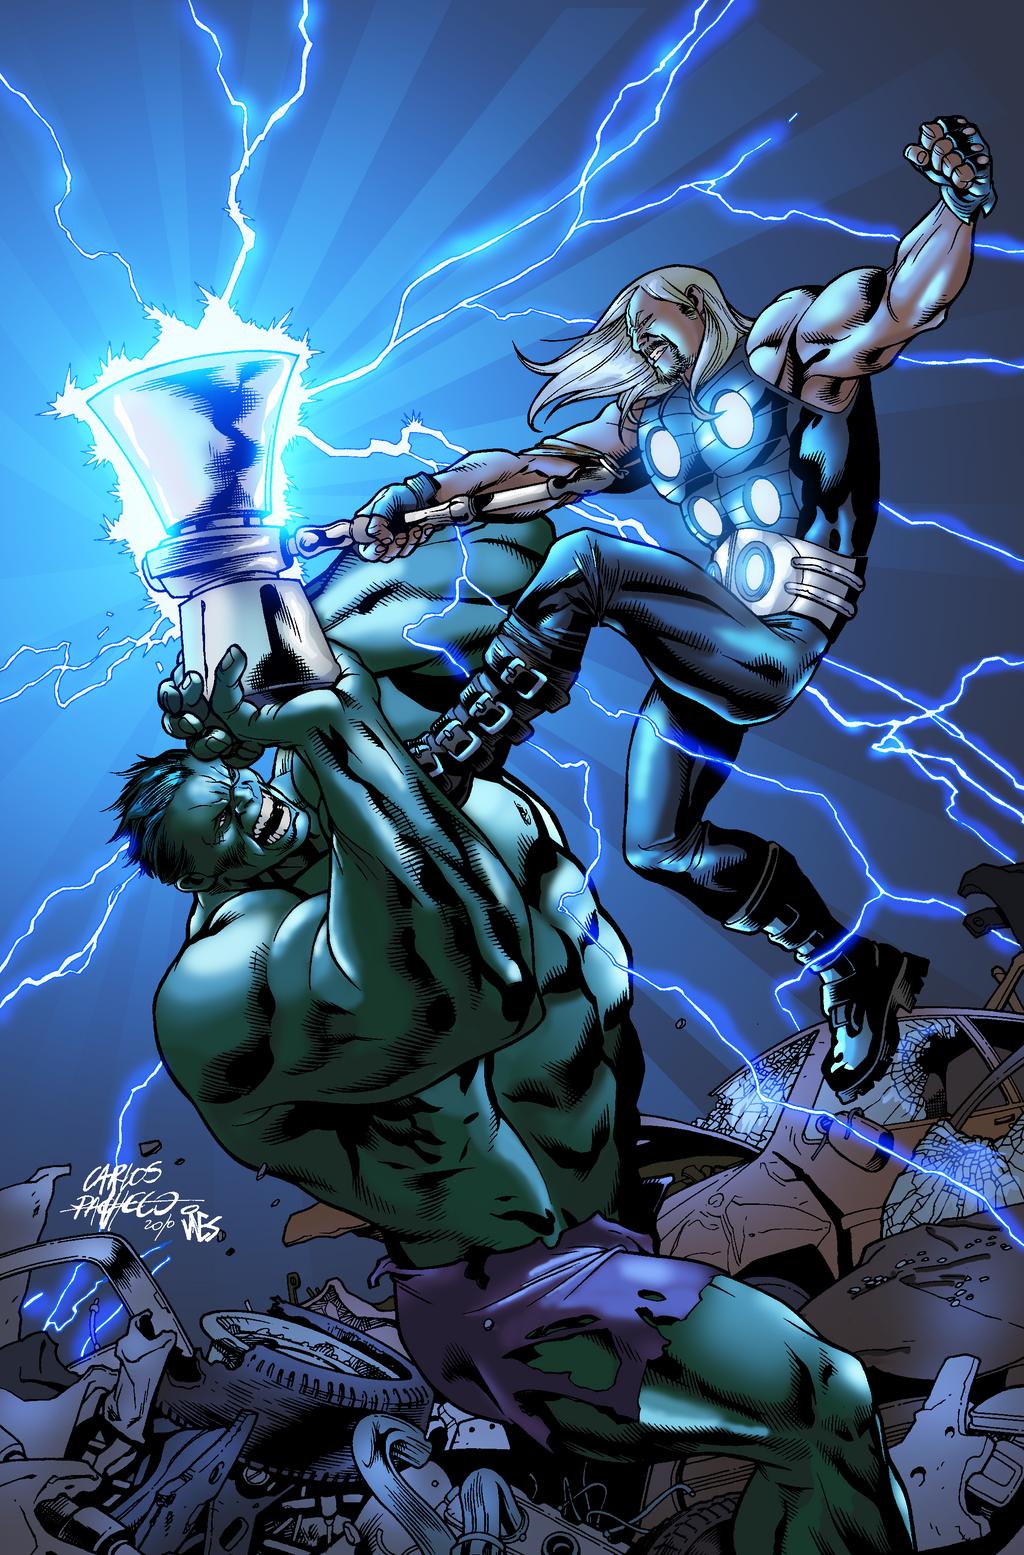 thor vs hulk by nimprod on deviantart